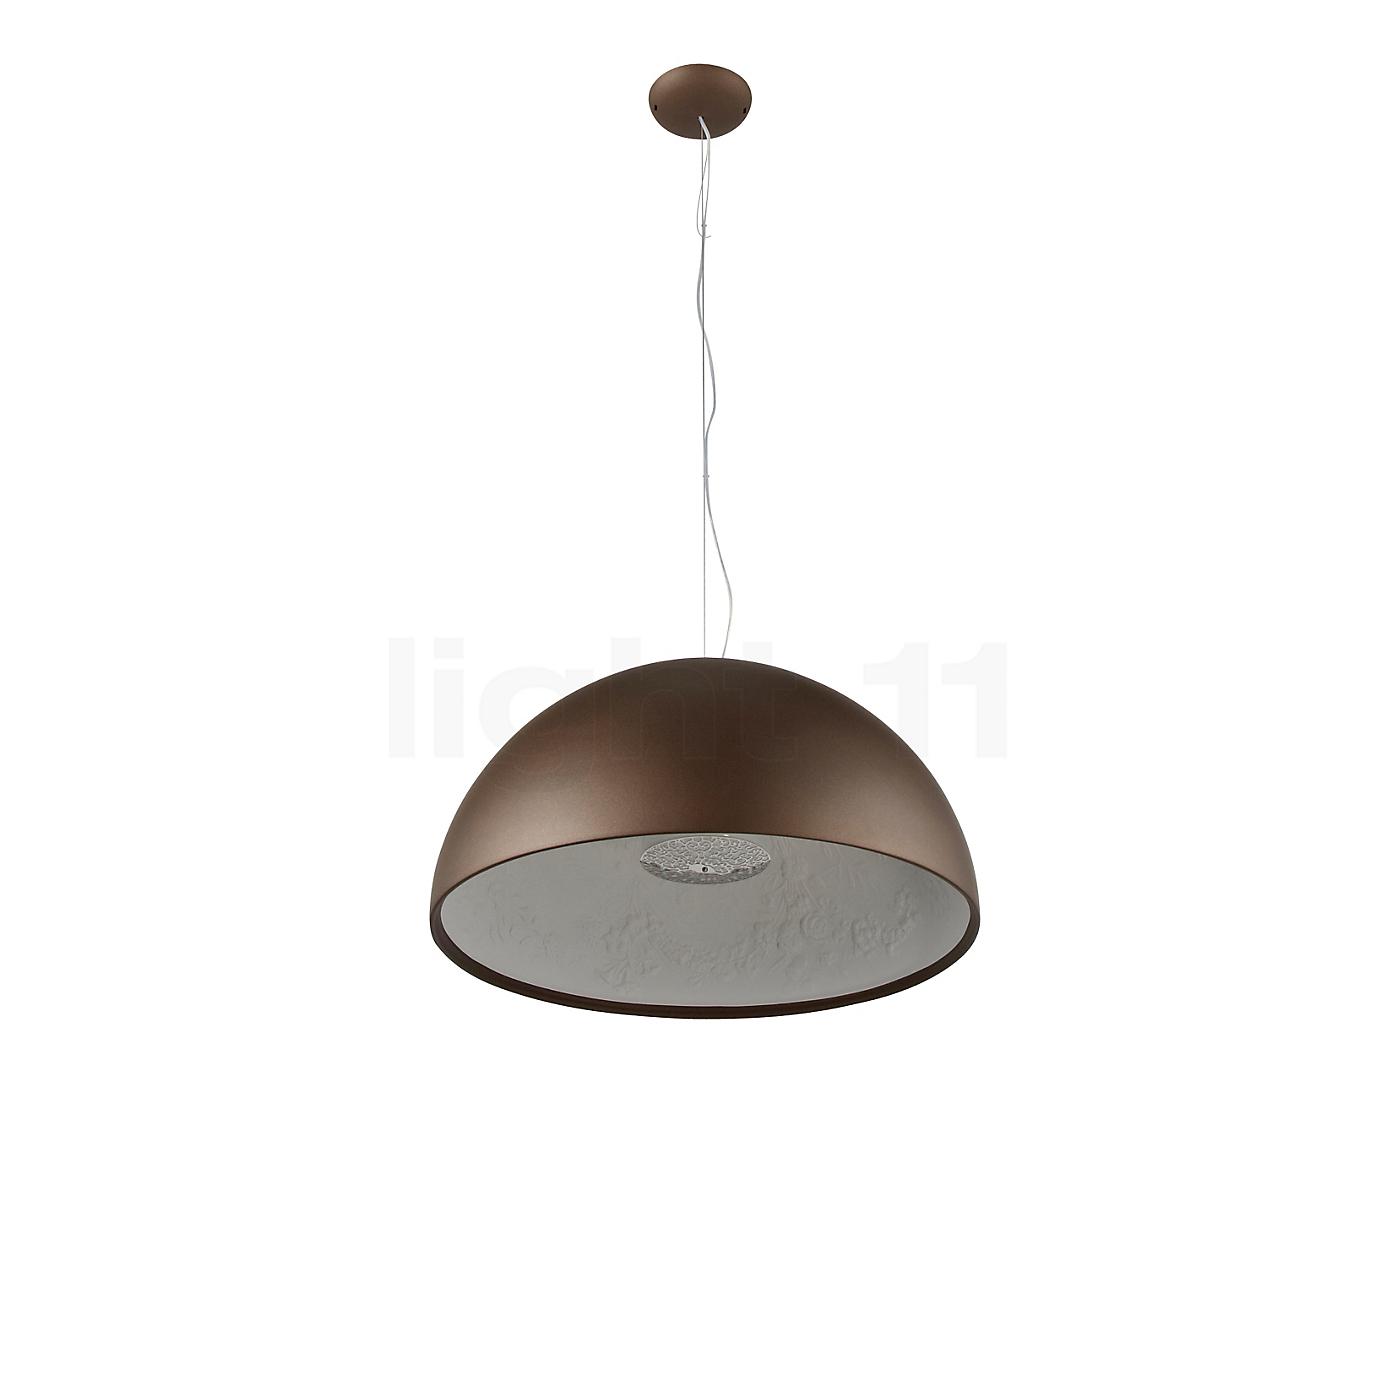 flos skygarden s1 lampe de table en vente sur. Black Bedroom Furniture Sets. Home Design Ideas